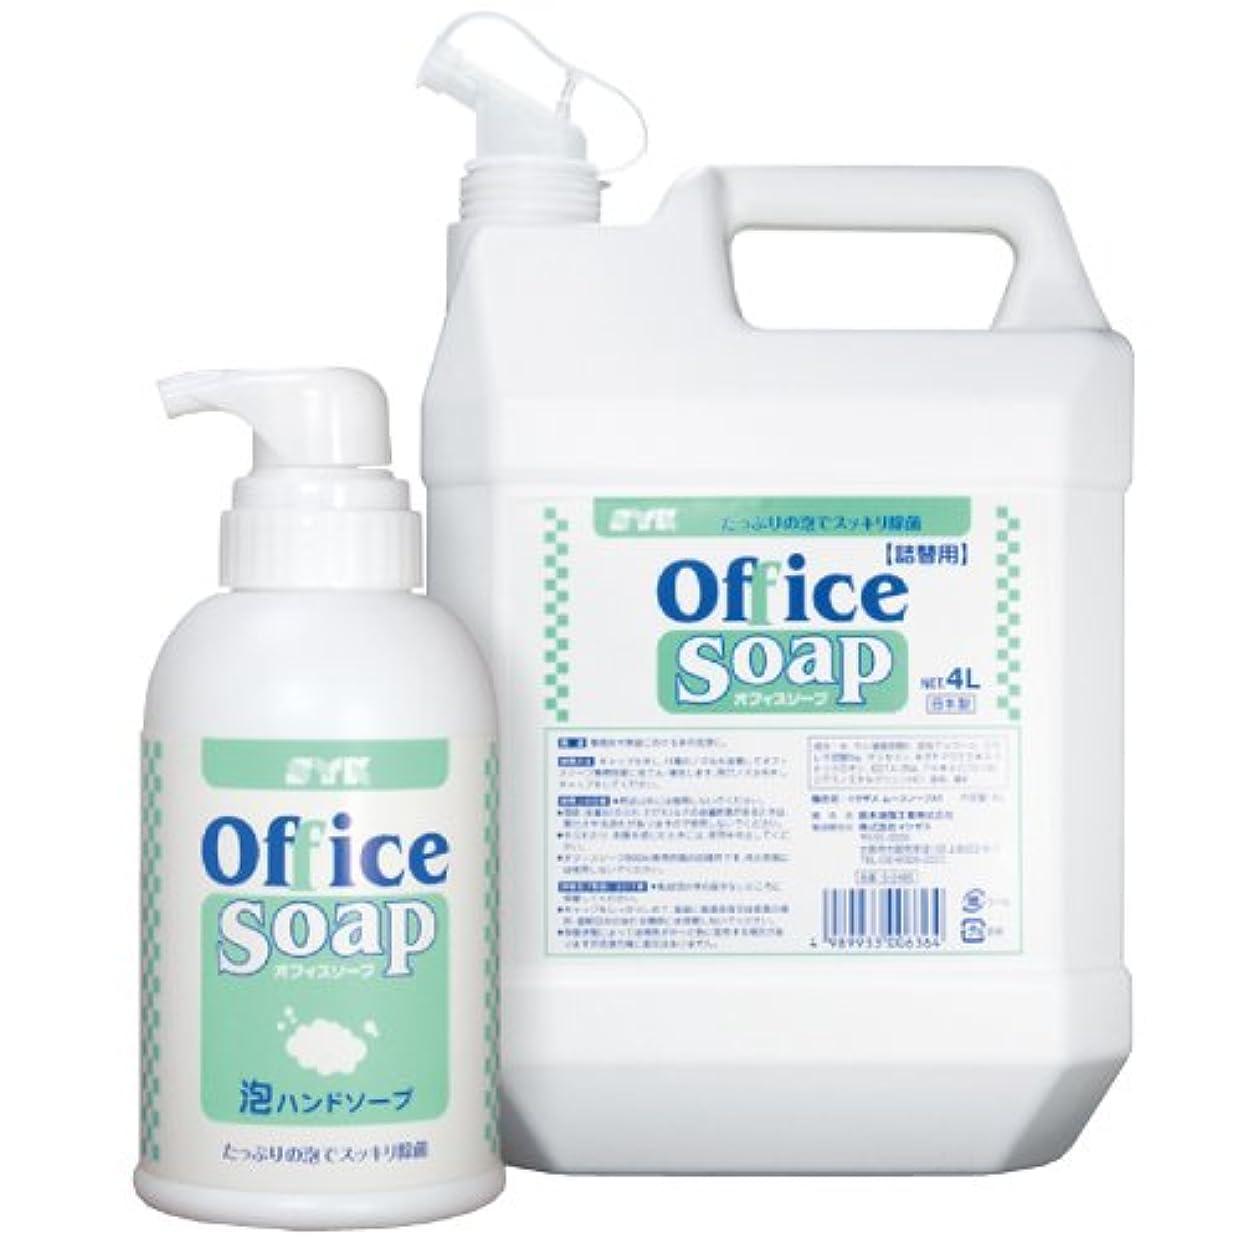 オーケストラ葉っぱ種類鈴木油脂 事務所用手洗い洗剤 業務用 オフィスソープ ポンプ入 780ml×3本